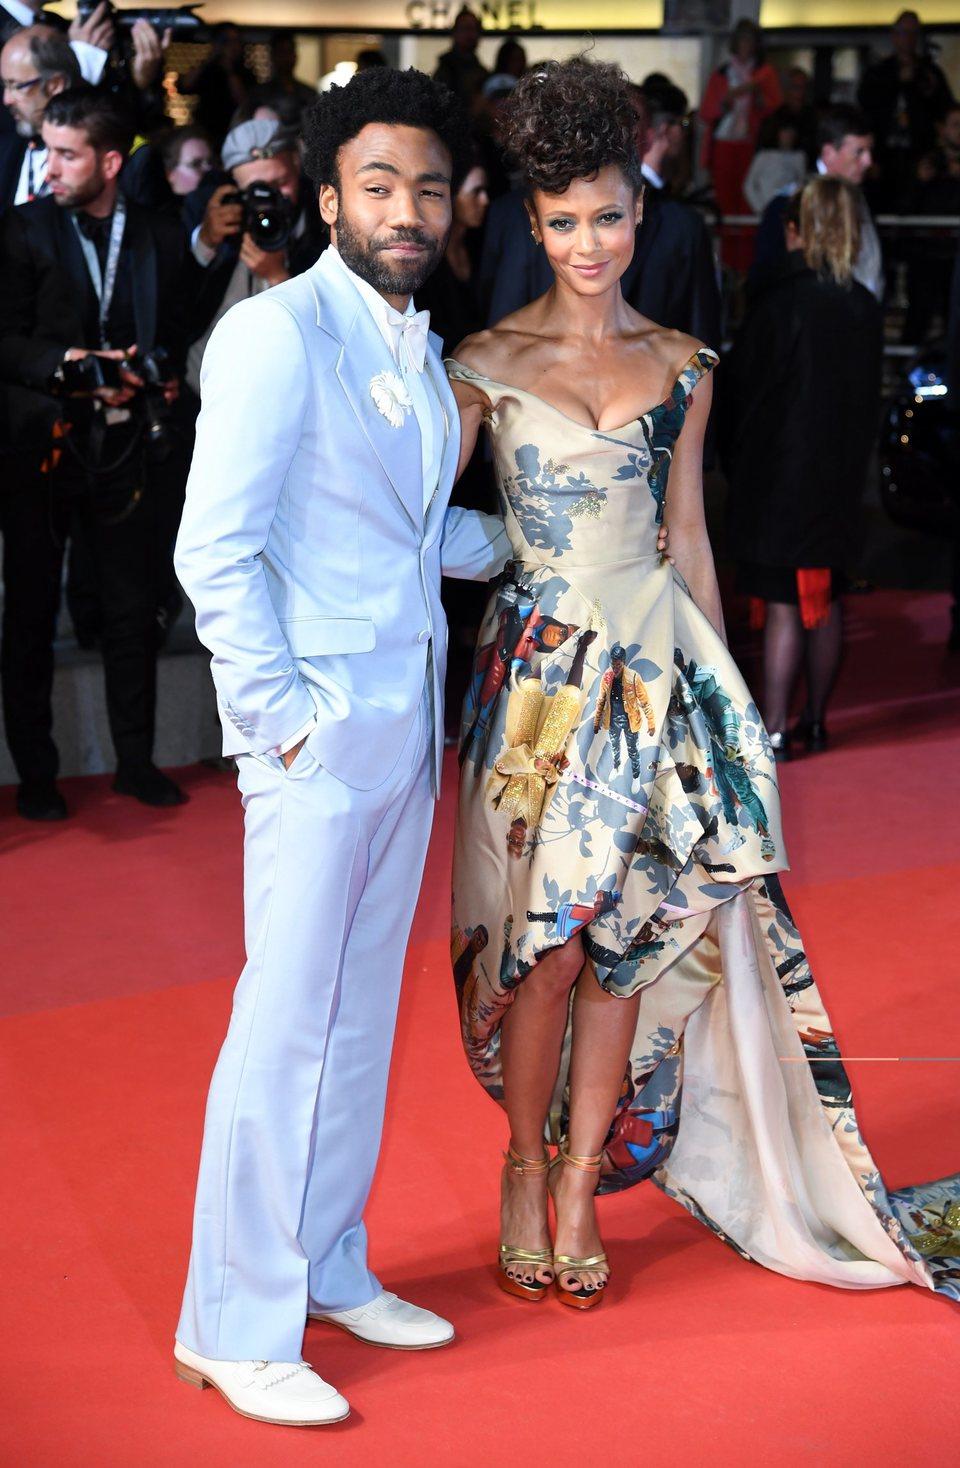 Donald Glover y Thandie Newton asisten a la premiere de 'Han Solo: Una historia de Star Wars' durante el Festival de Cannes